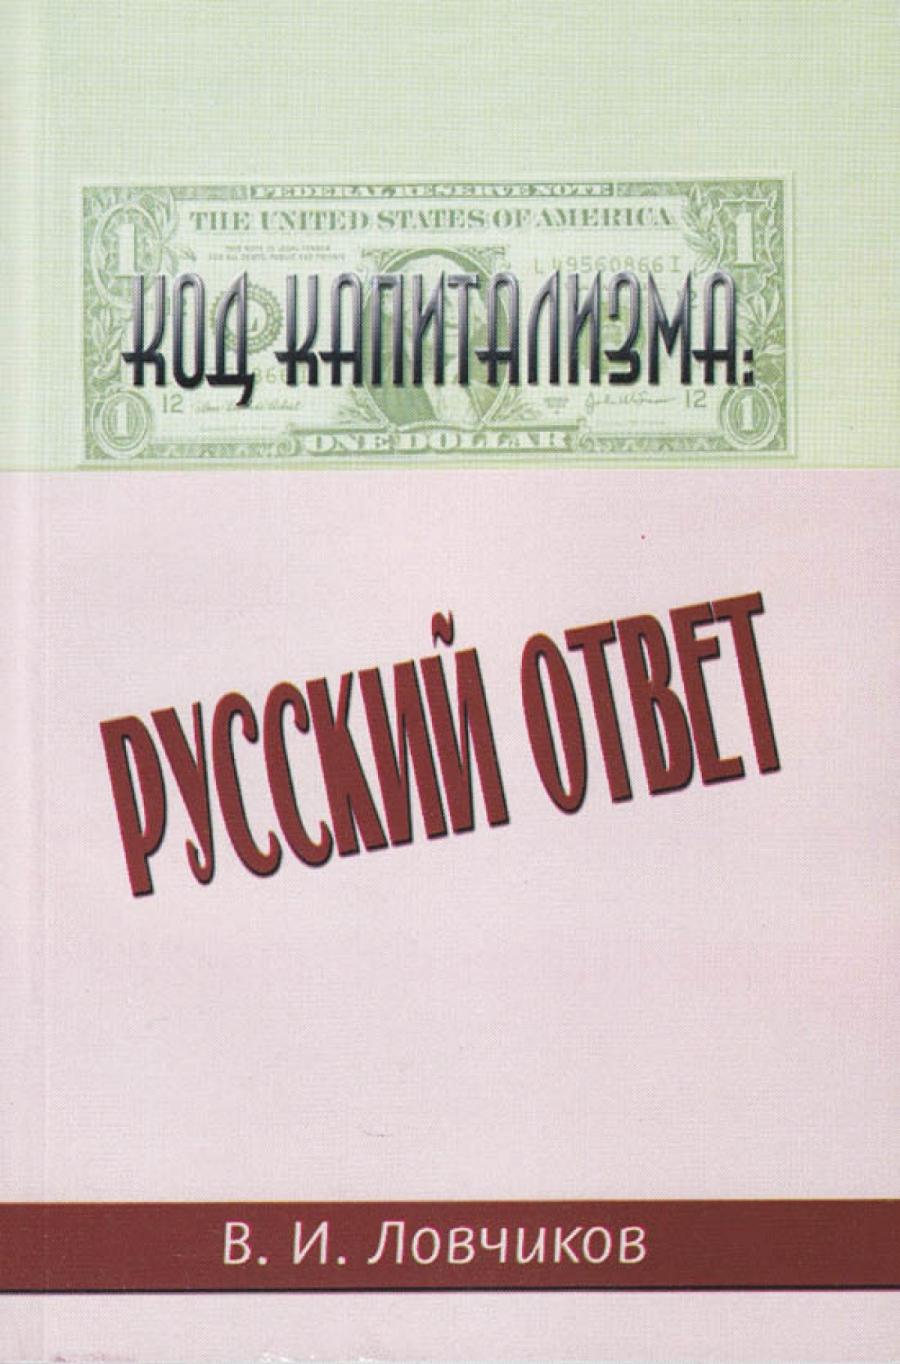 Обложка книги:  ловчиков вадим - код капитализма. русский ответ